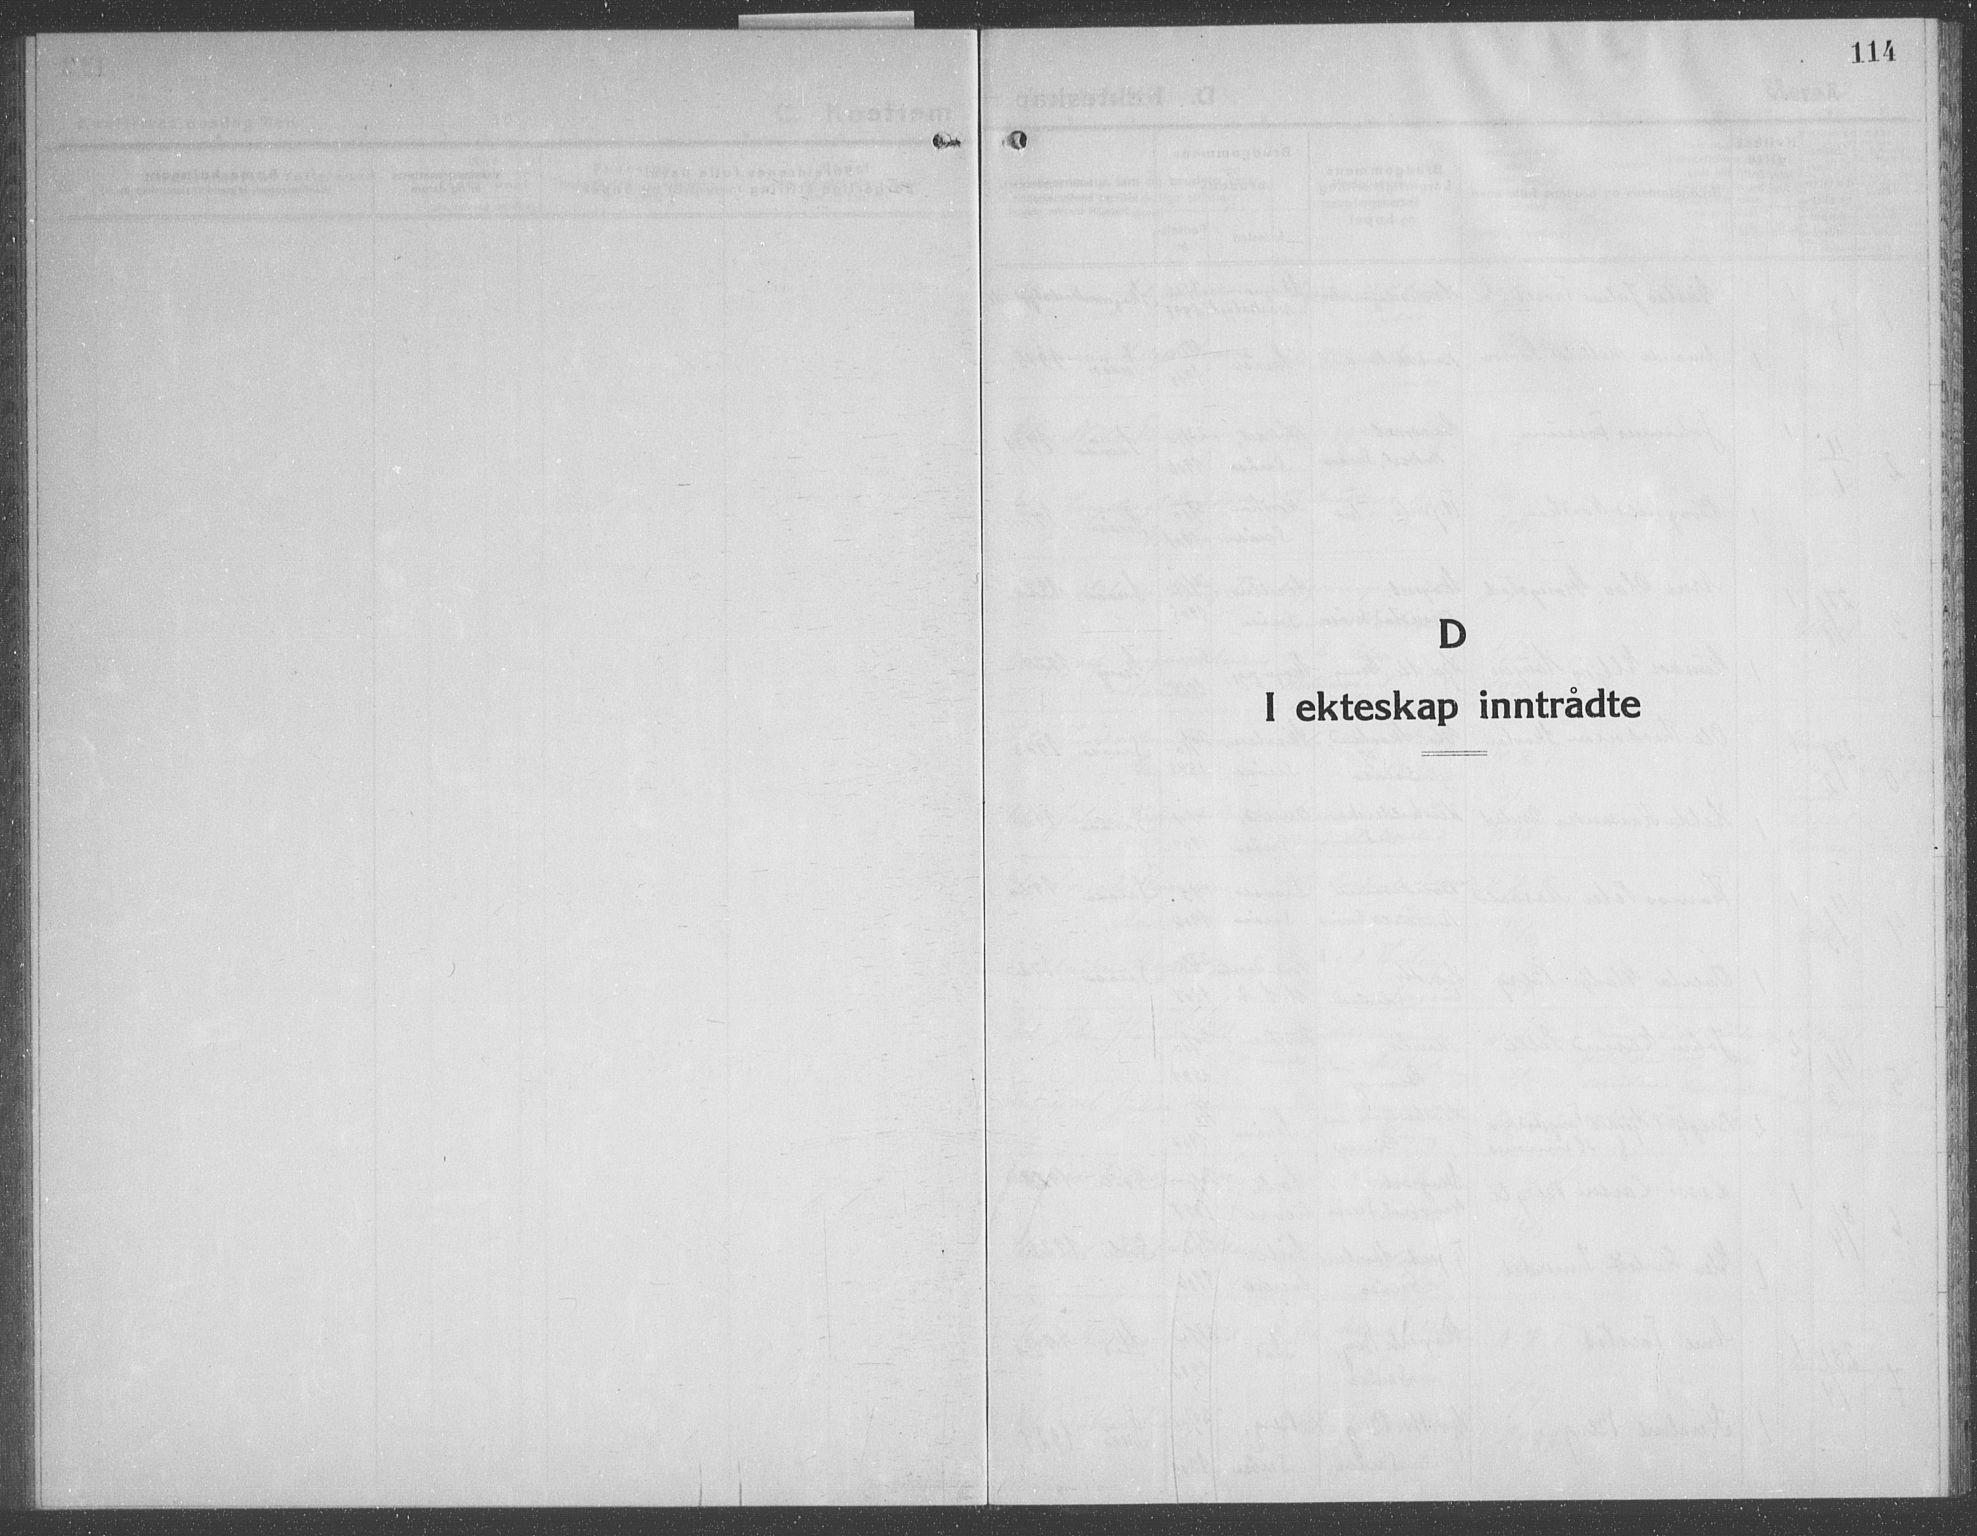 SAT, Ministerialprotokoller, klokkerbøker og fødselsregistre - Nord-Trøndelag, 749/L0481: Klokkerbok nr. 749C03, 1933-1945, s. 114